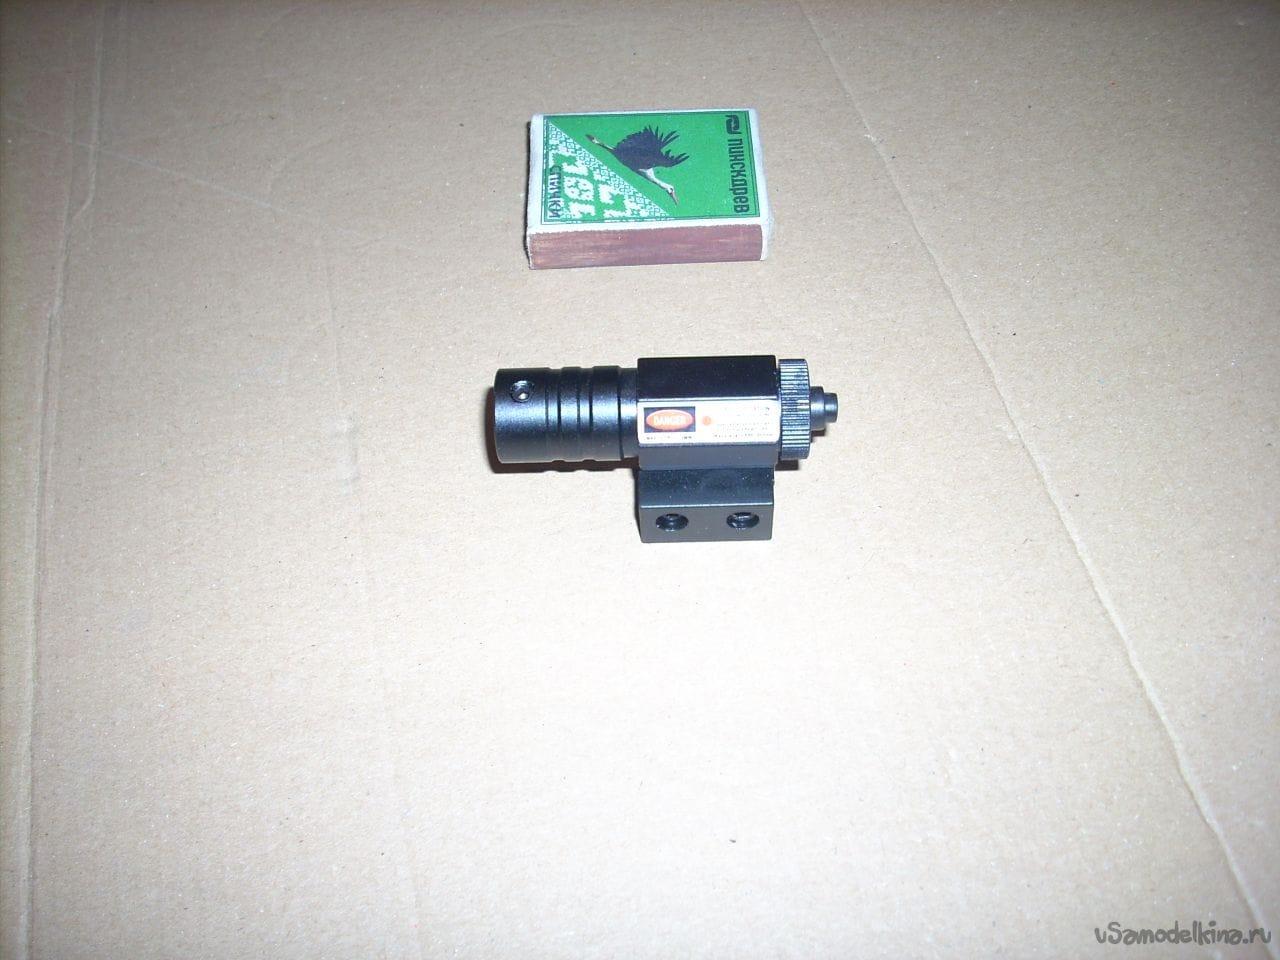 Лазерный прицел для пневматики своими руками фото 539